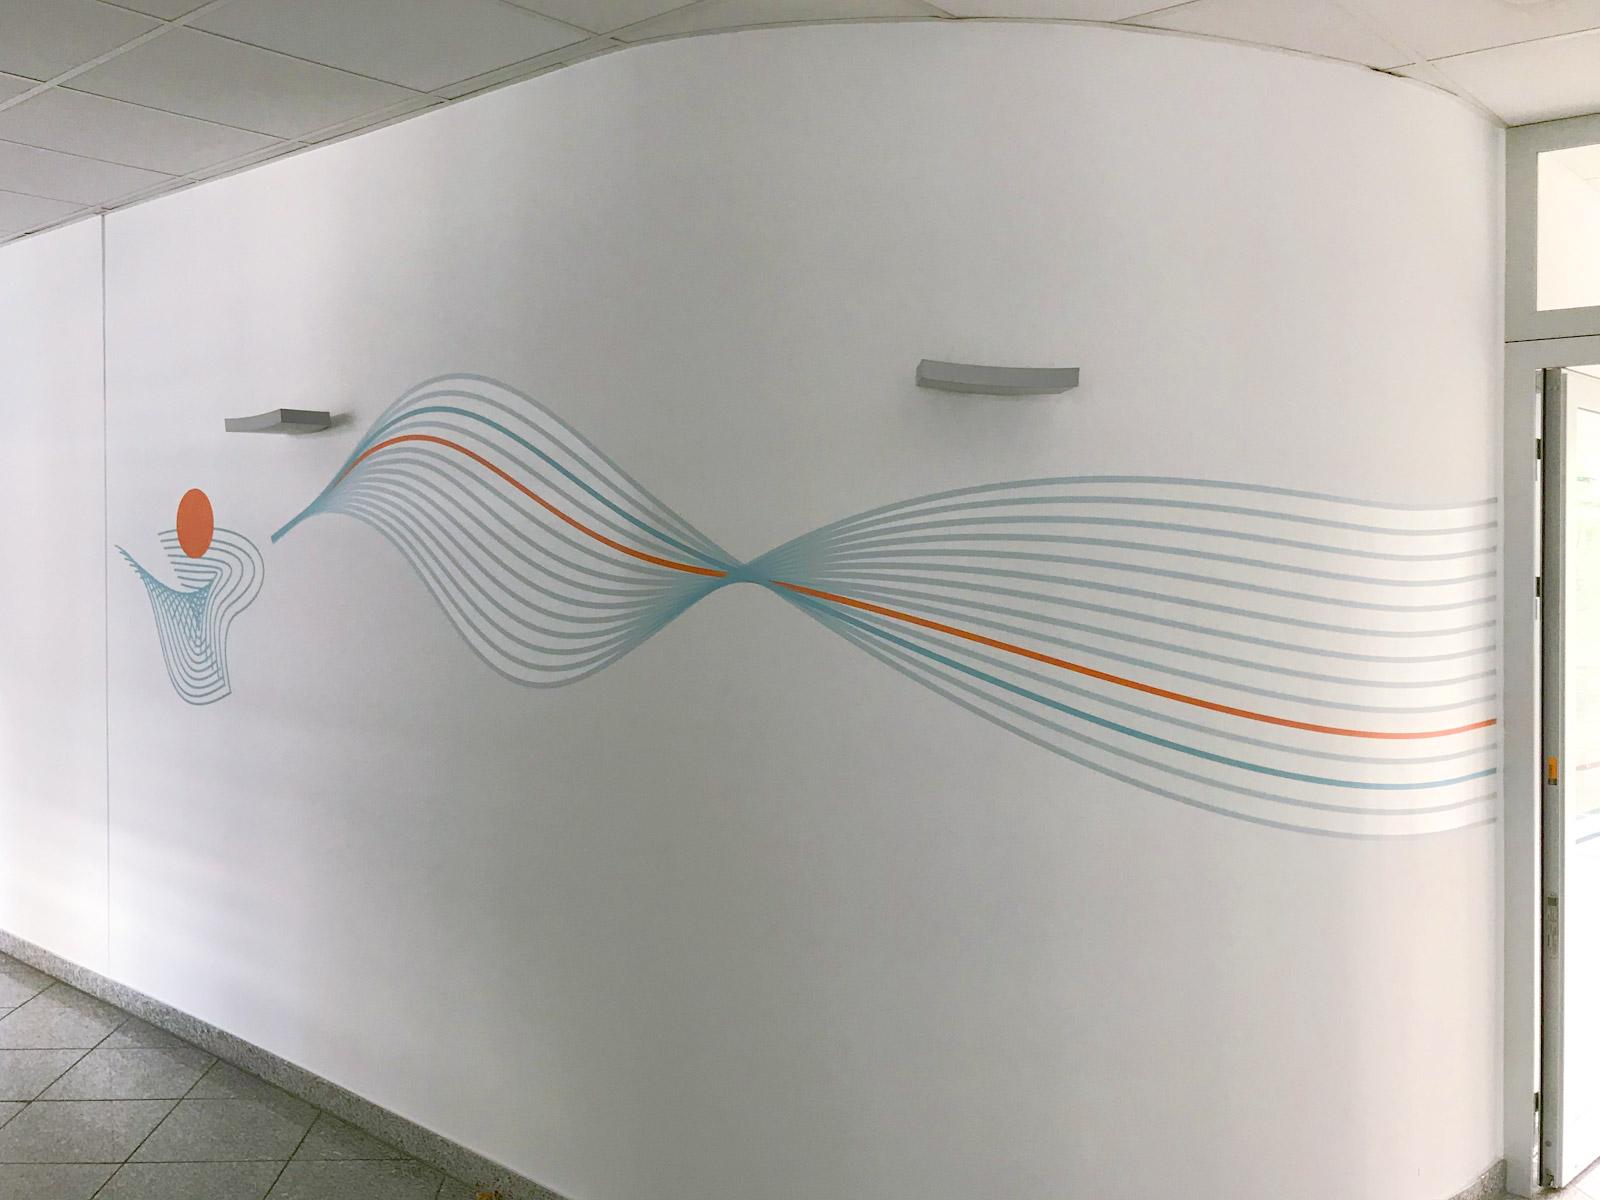 Farbiges Wandtattoo in geometrischen Formen um eine abgerundete Ecke geklebt für die Firma isyst